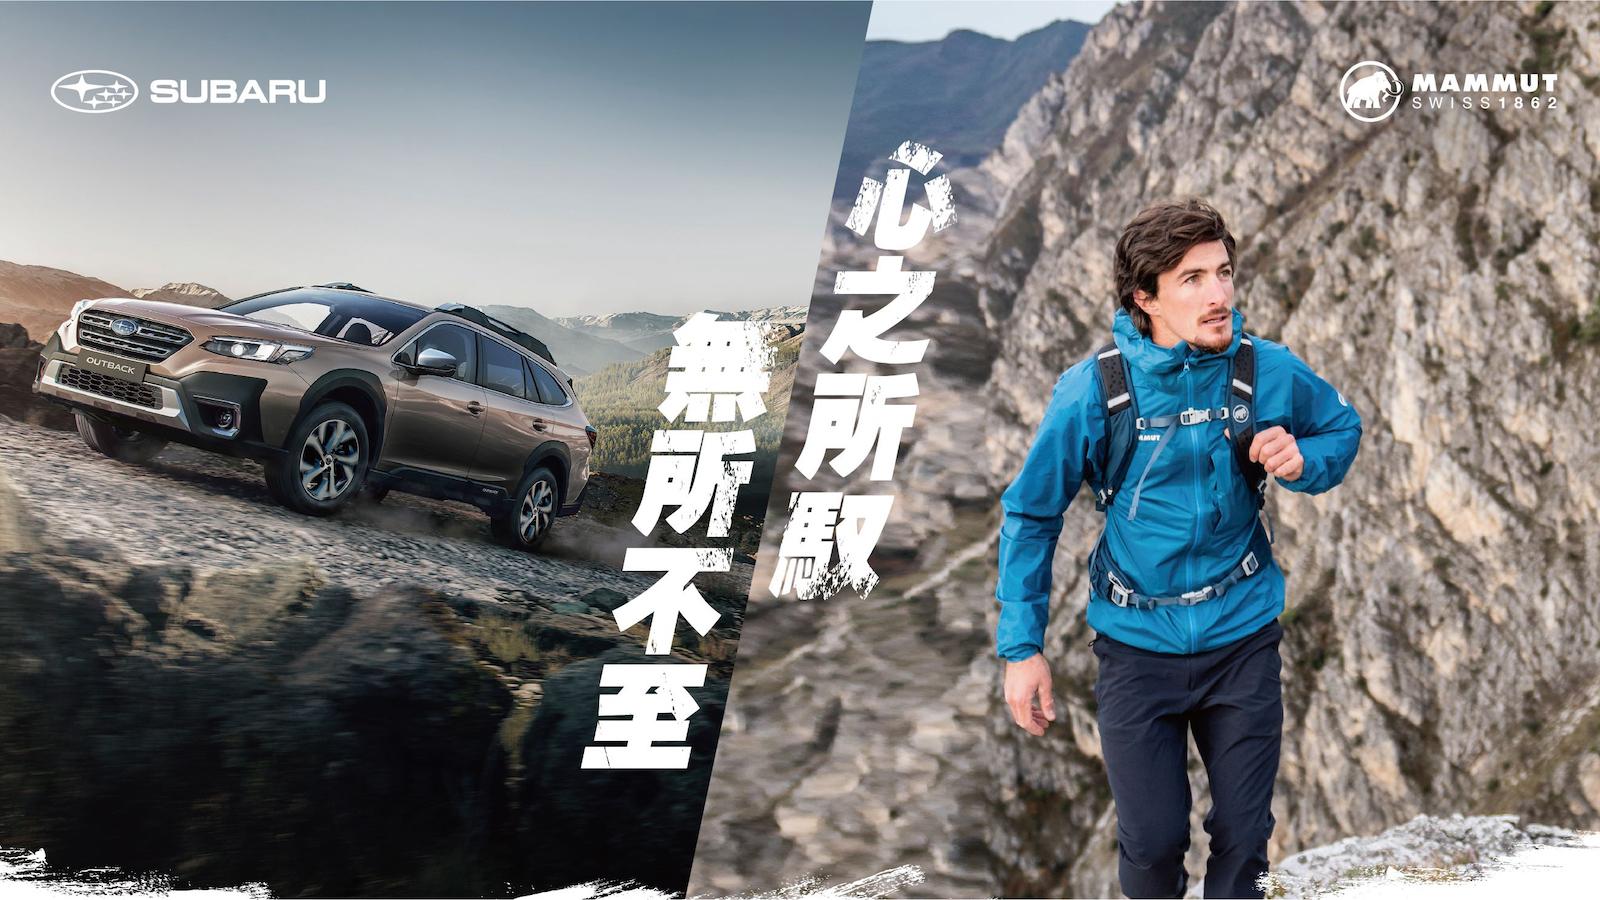 Subaru、Mammut 首度合作 試乘 Outback 抽萬元商品兌換券